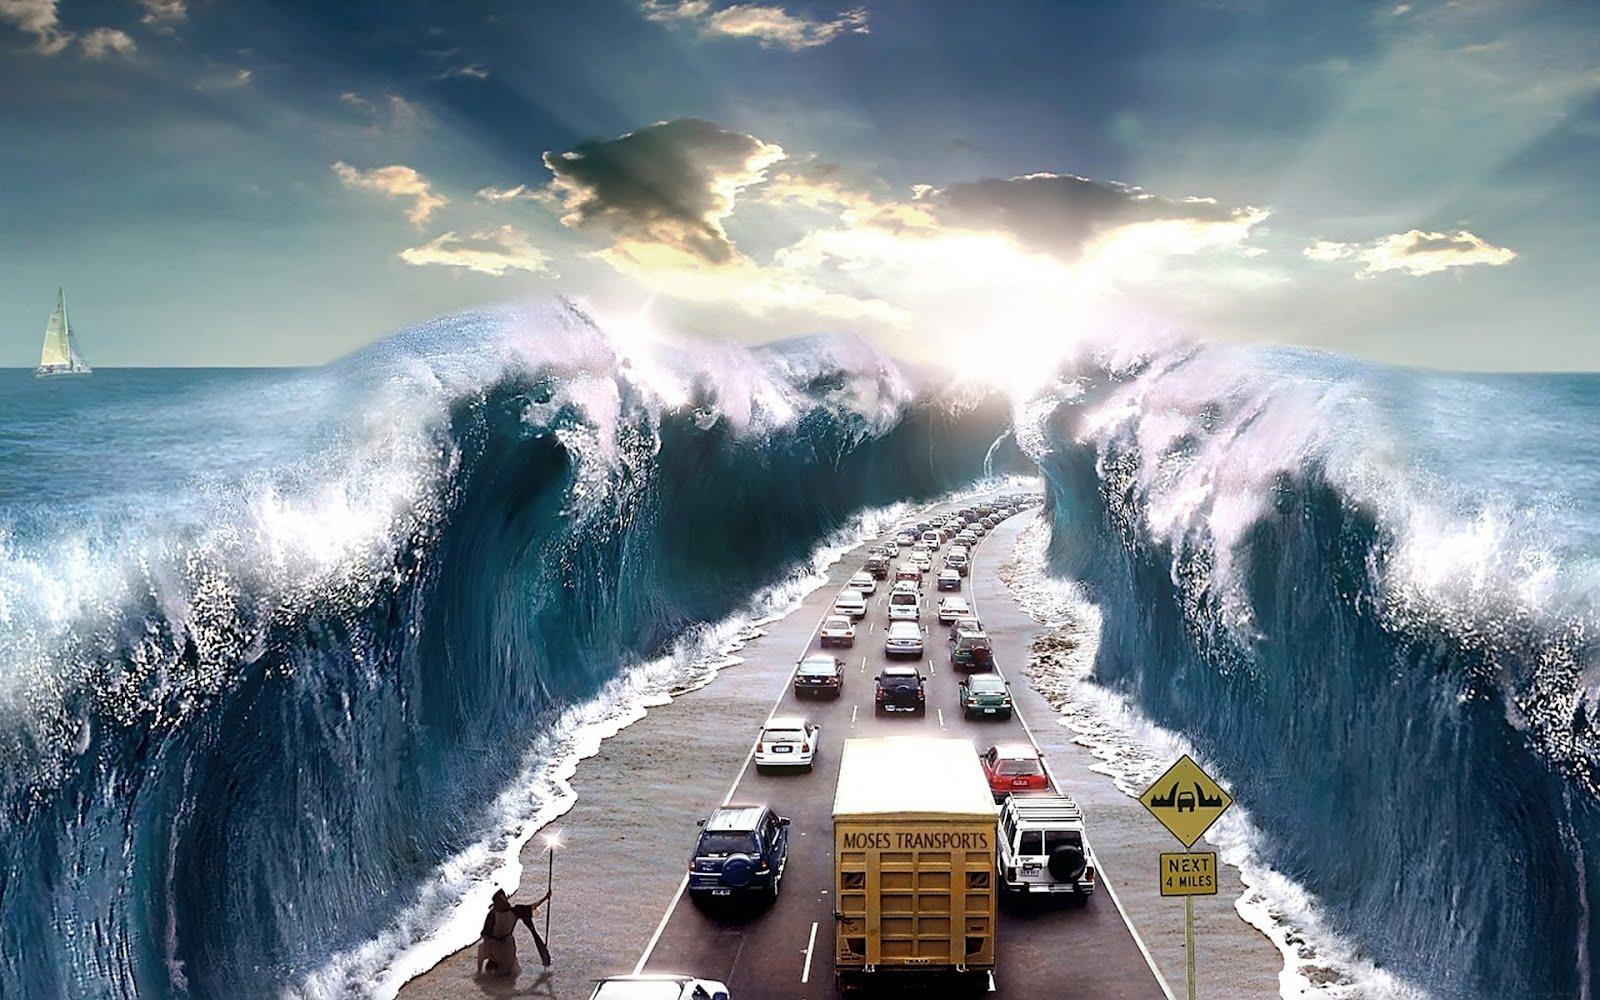 Idool Abriendo el mar - Opening the sea (Wallpaper o Fondo de ...